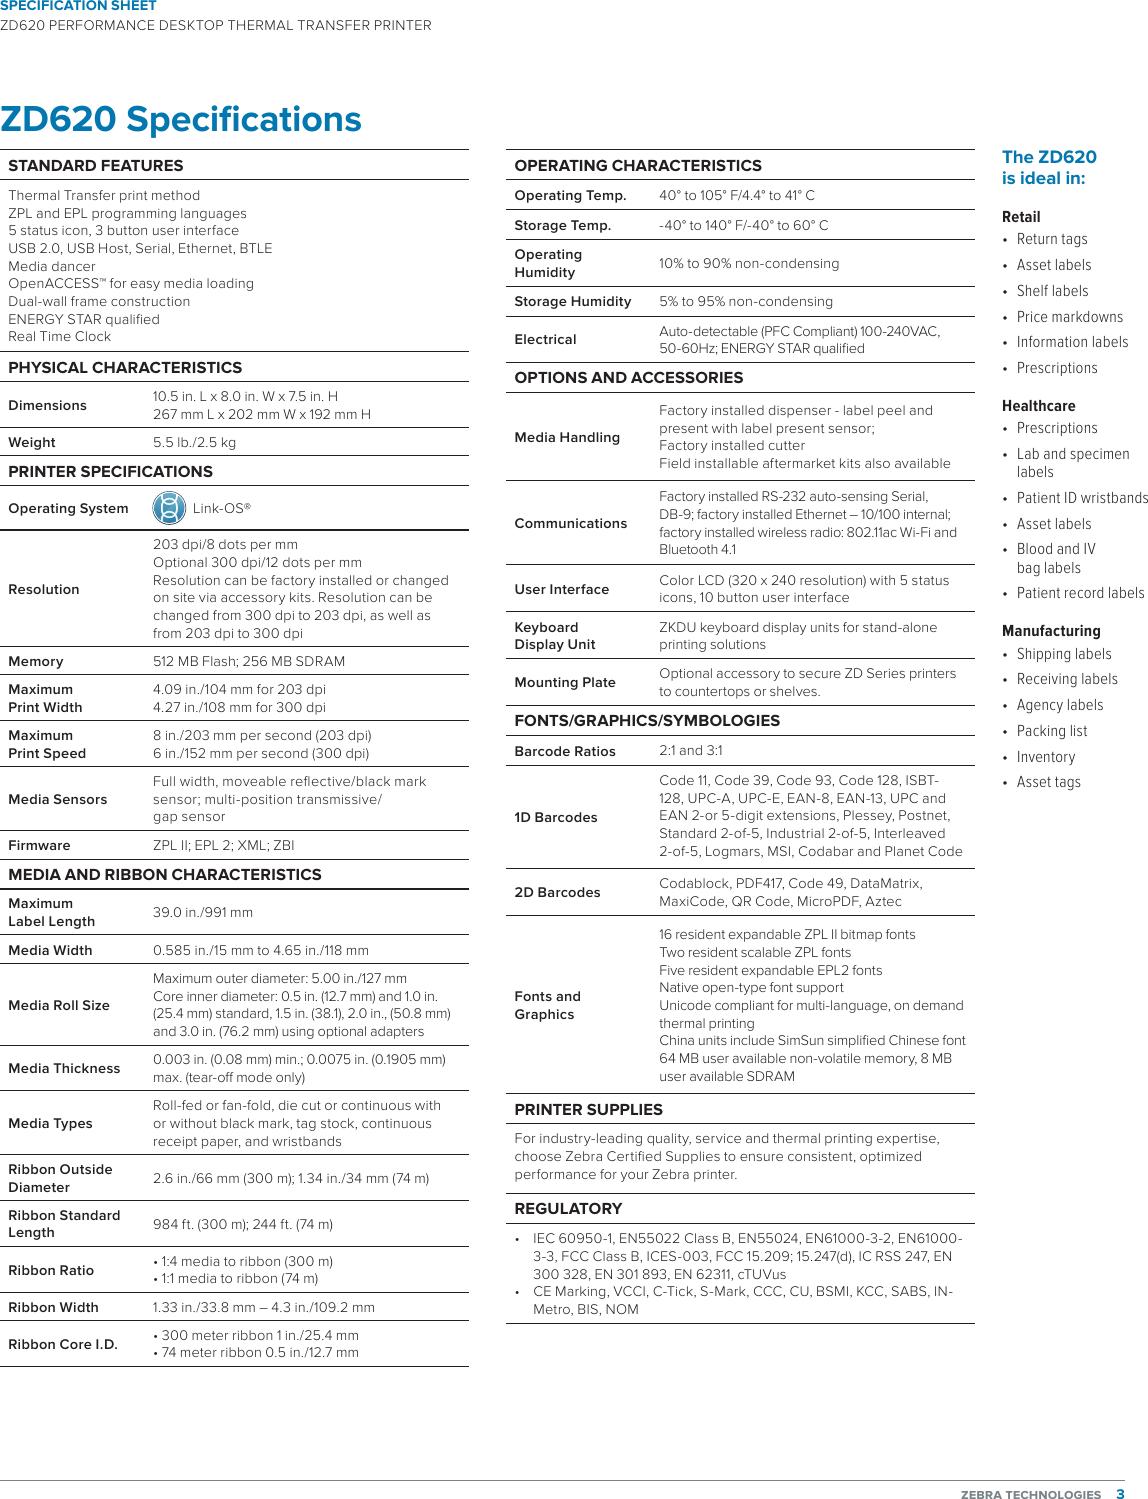 ZD620 Spec Sheet specification en us